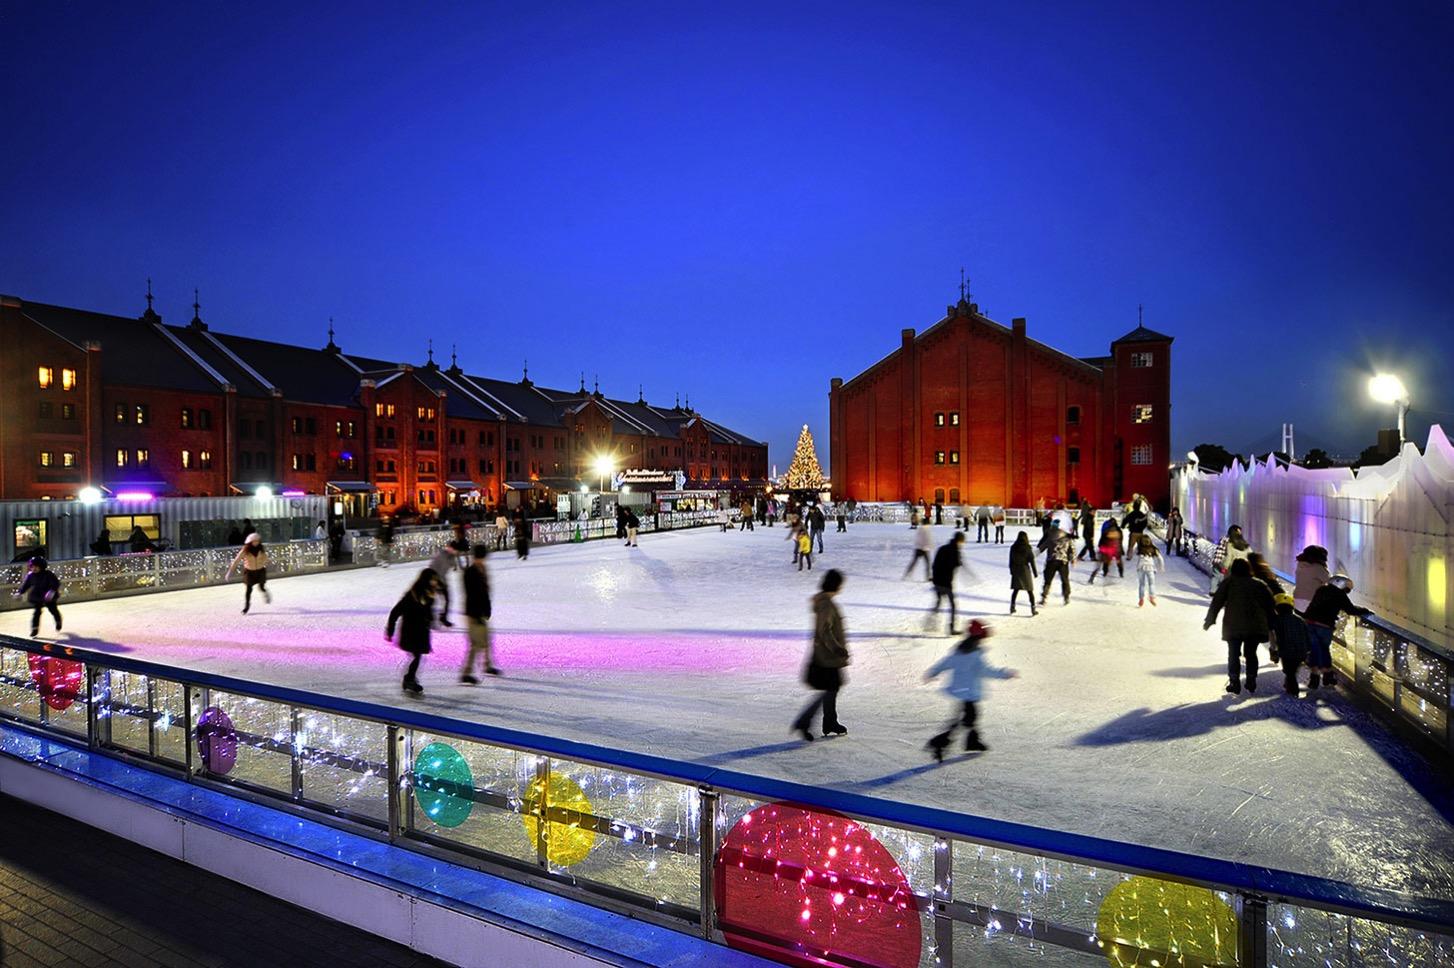 アートリンクin横浜赤レンガ倉庫開催!アイススケートとアートのコラボ